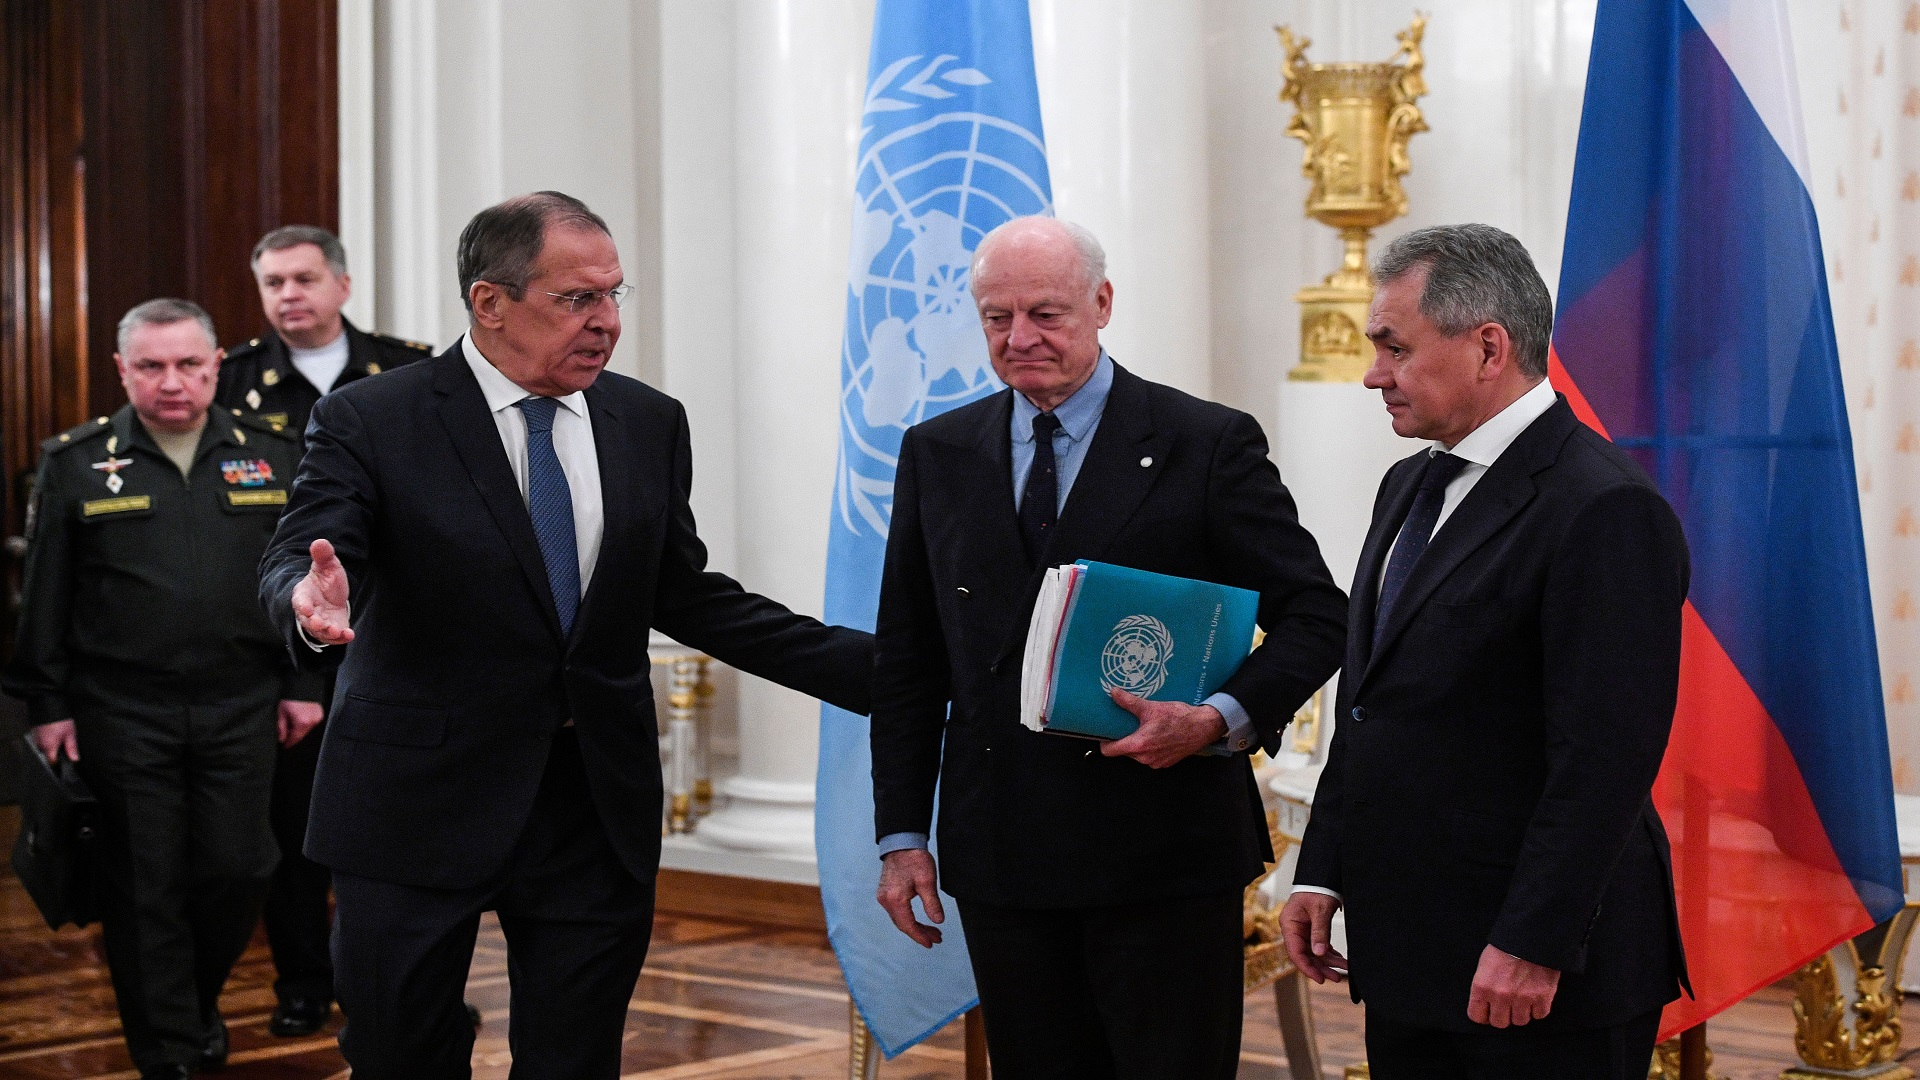 صورة الكرملين يلوح إلى فشل مؤتمر سوتشي